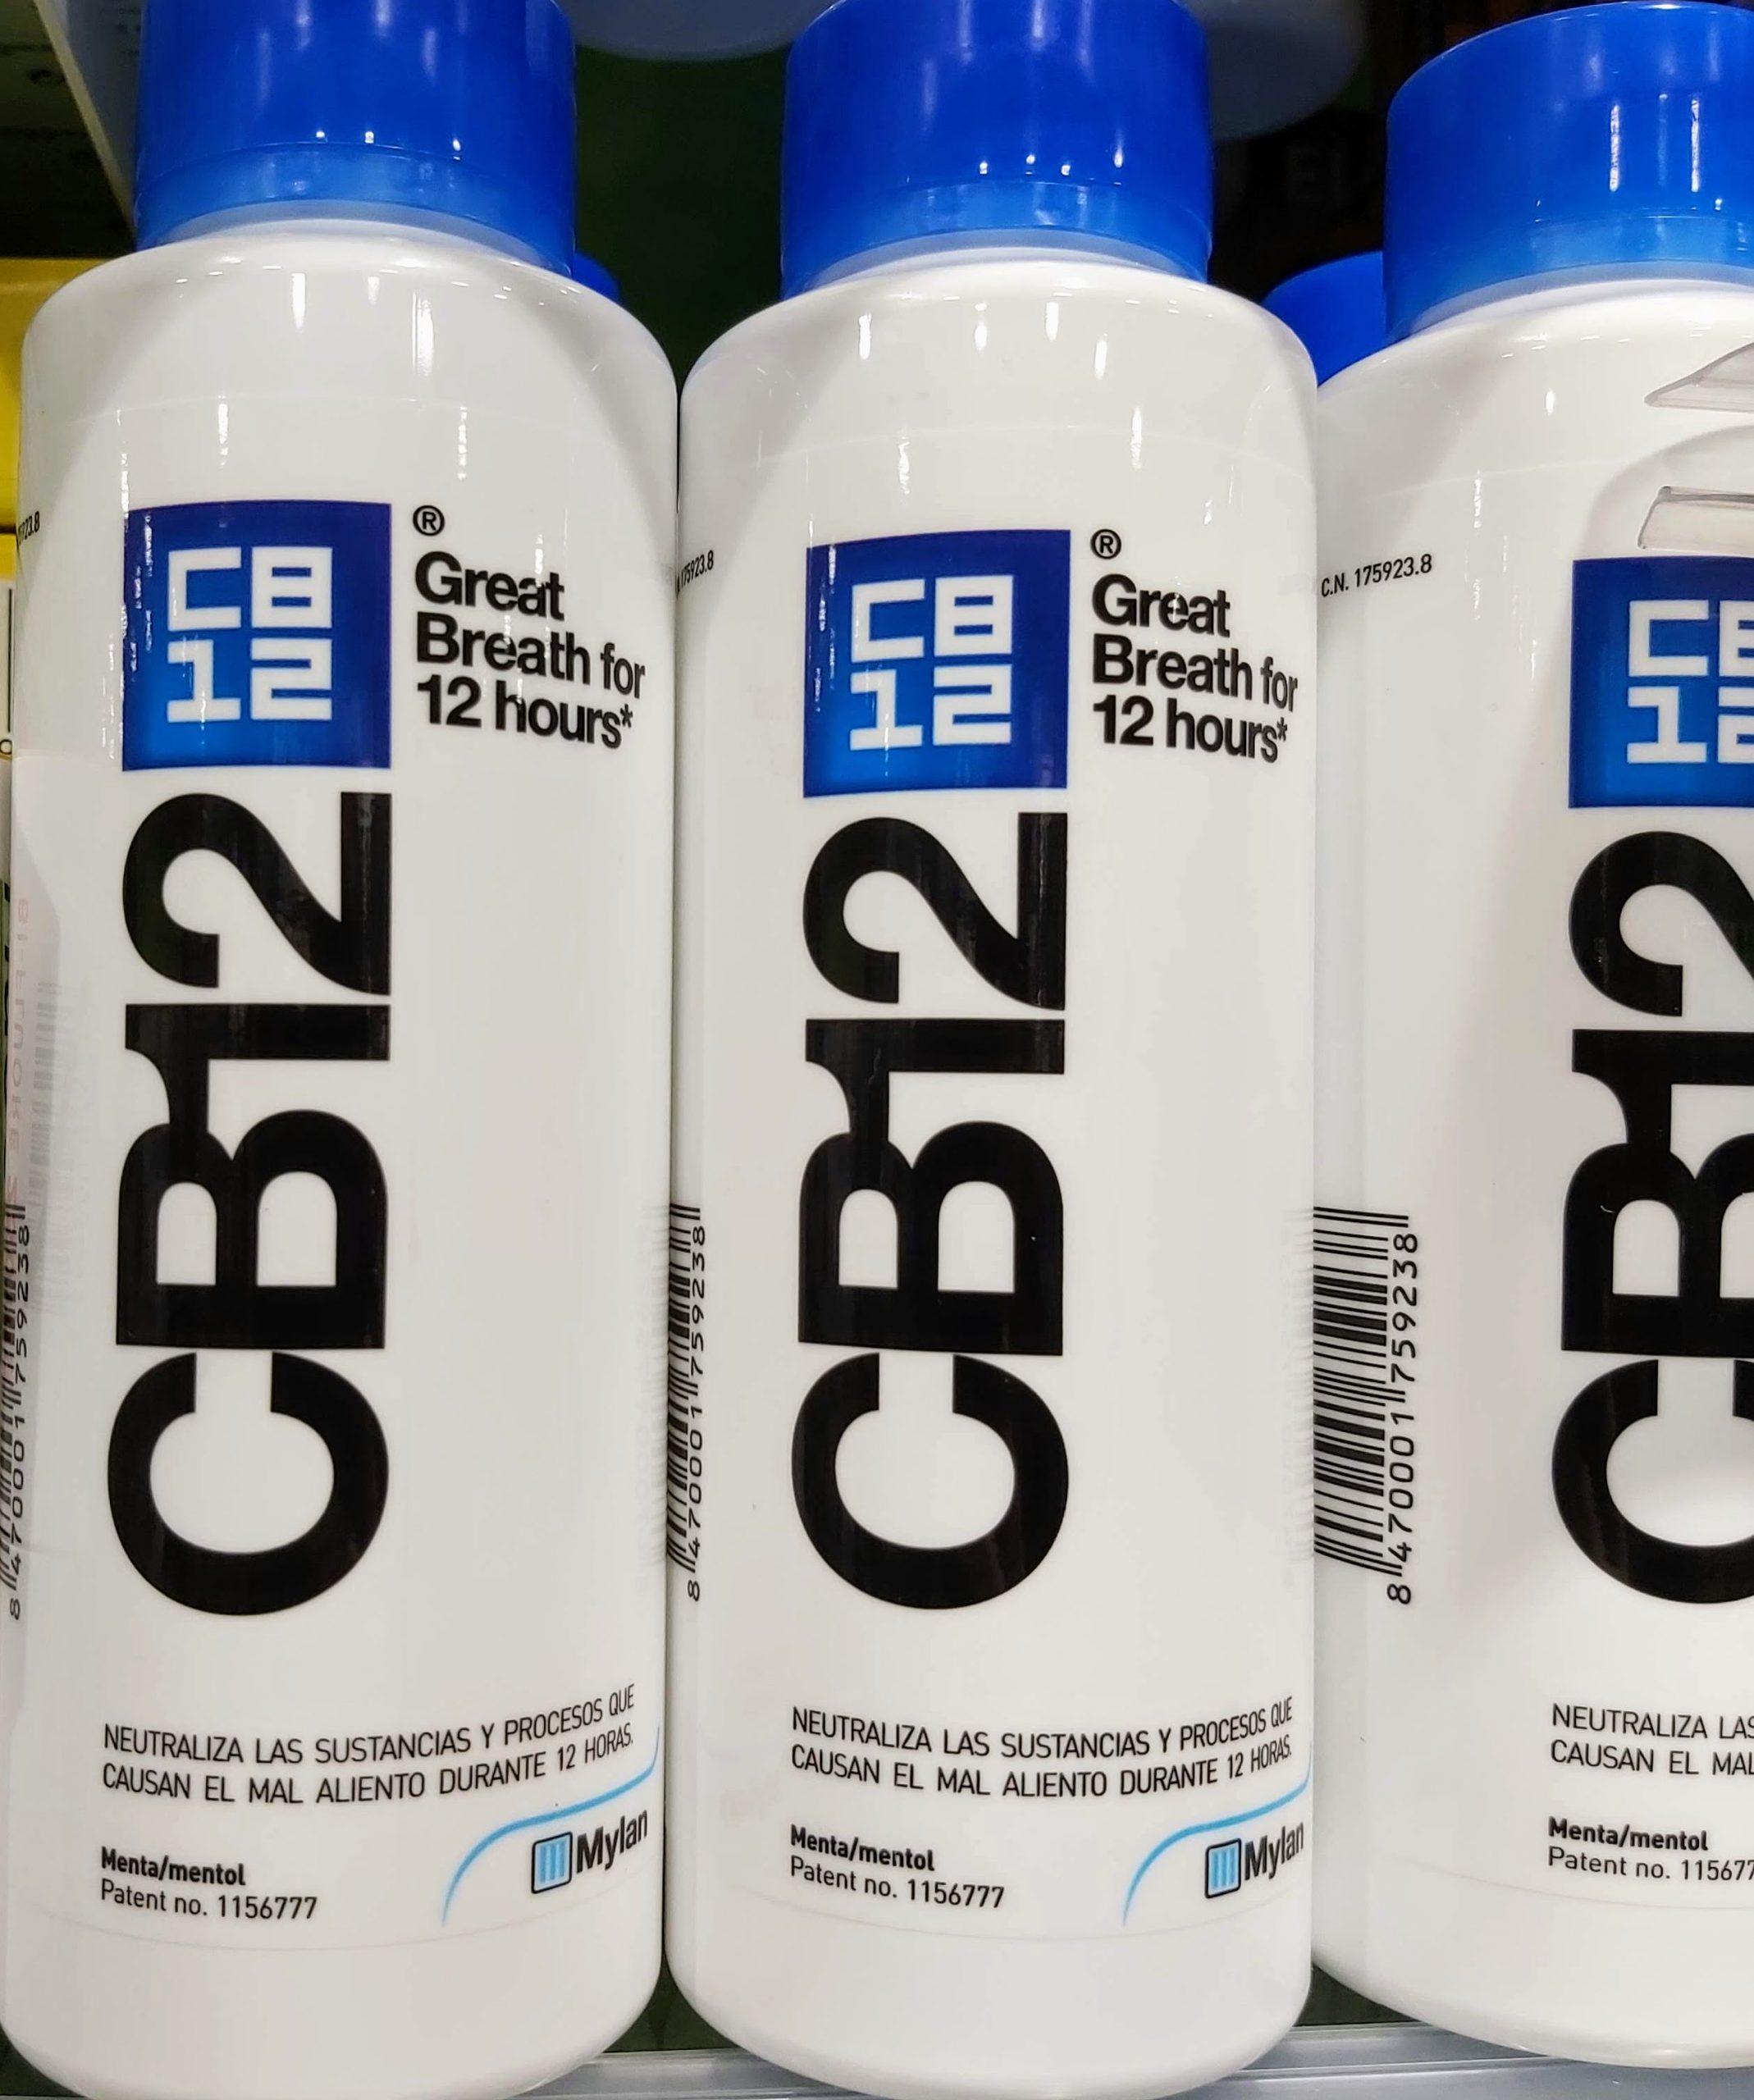 CB12® ENJUAGUE BUCAL control y la eliminación del mal aliento